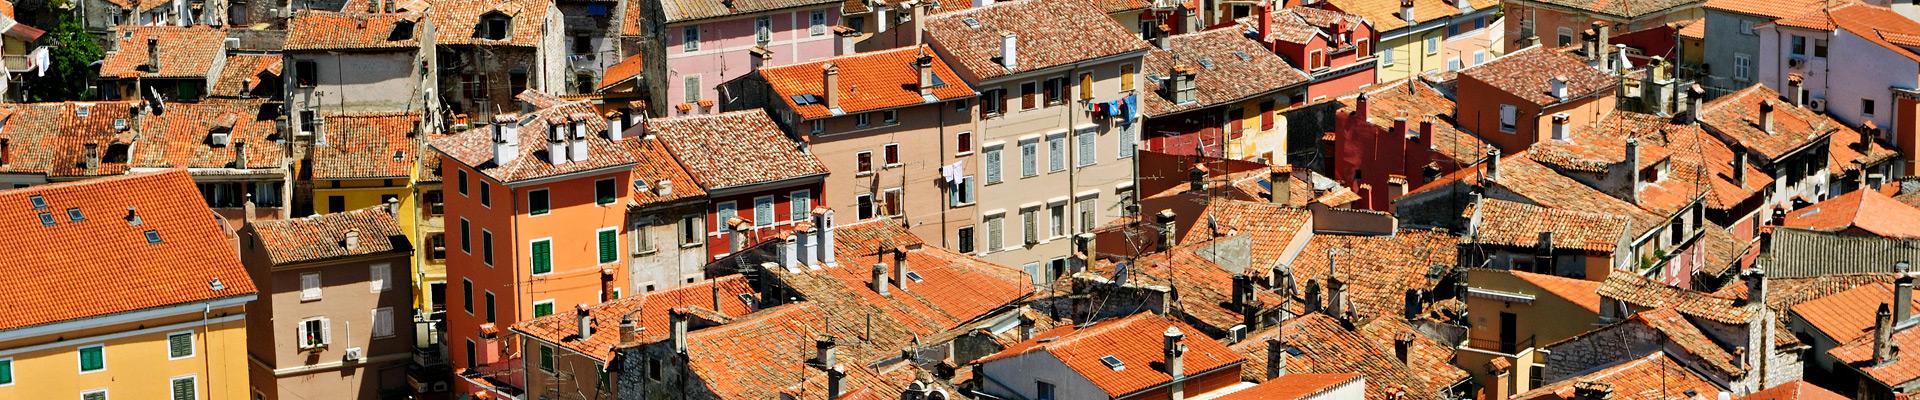 Top image toits de Rovinj en Istrie, Croatie